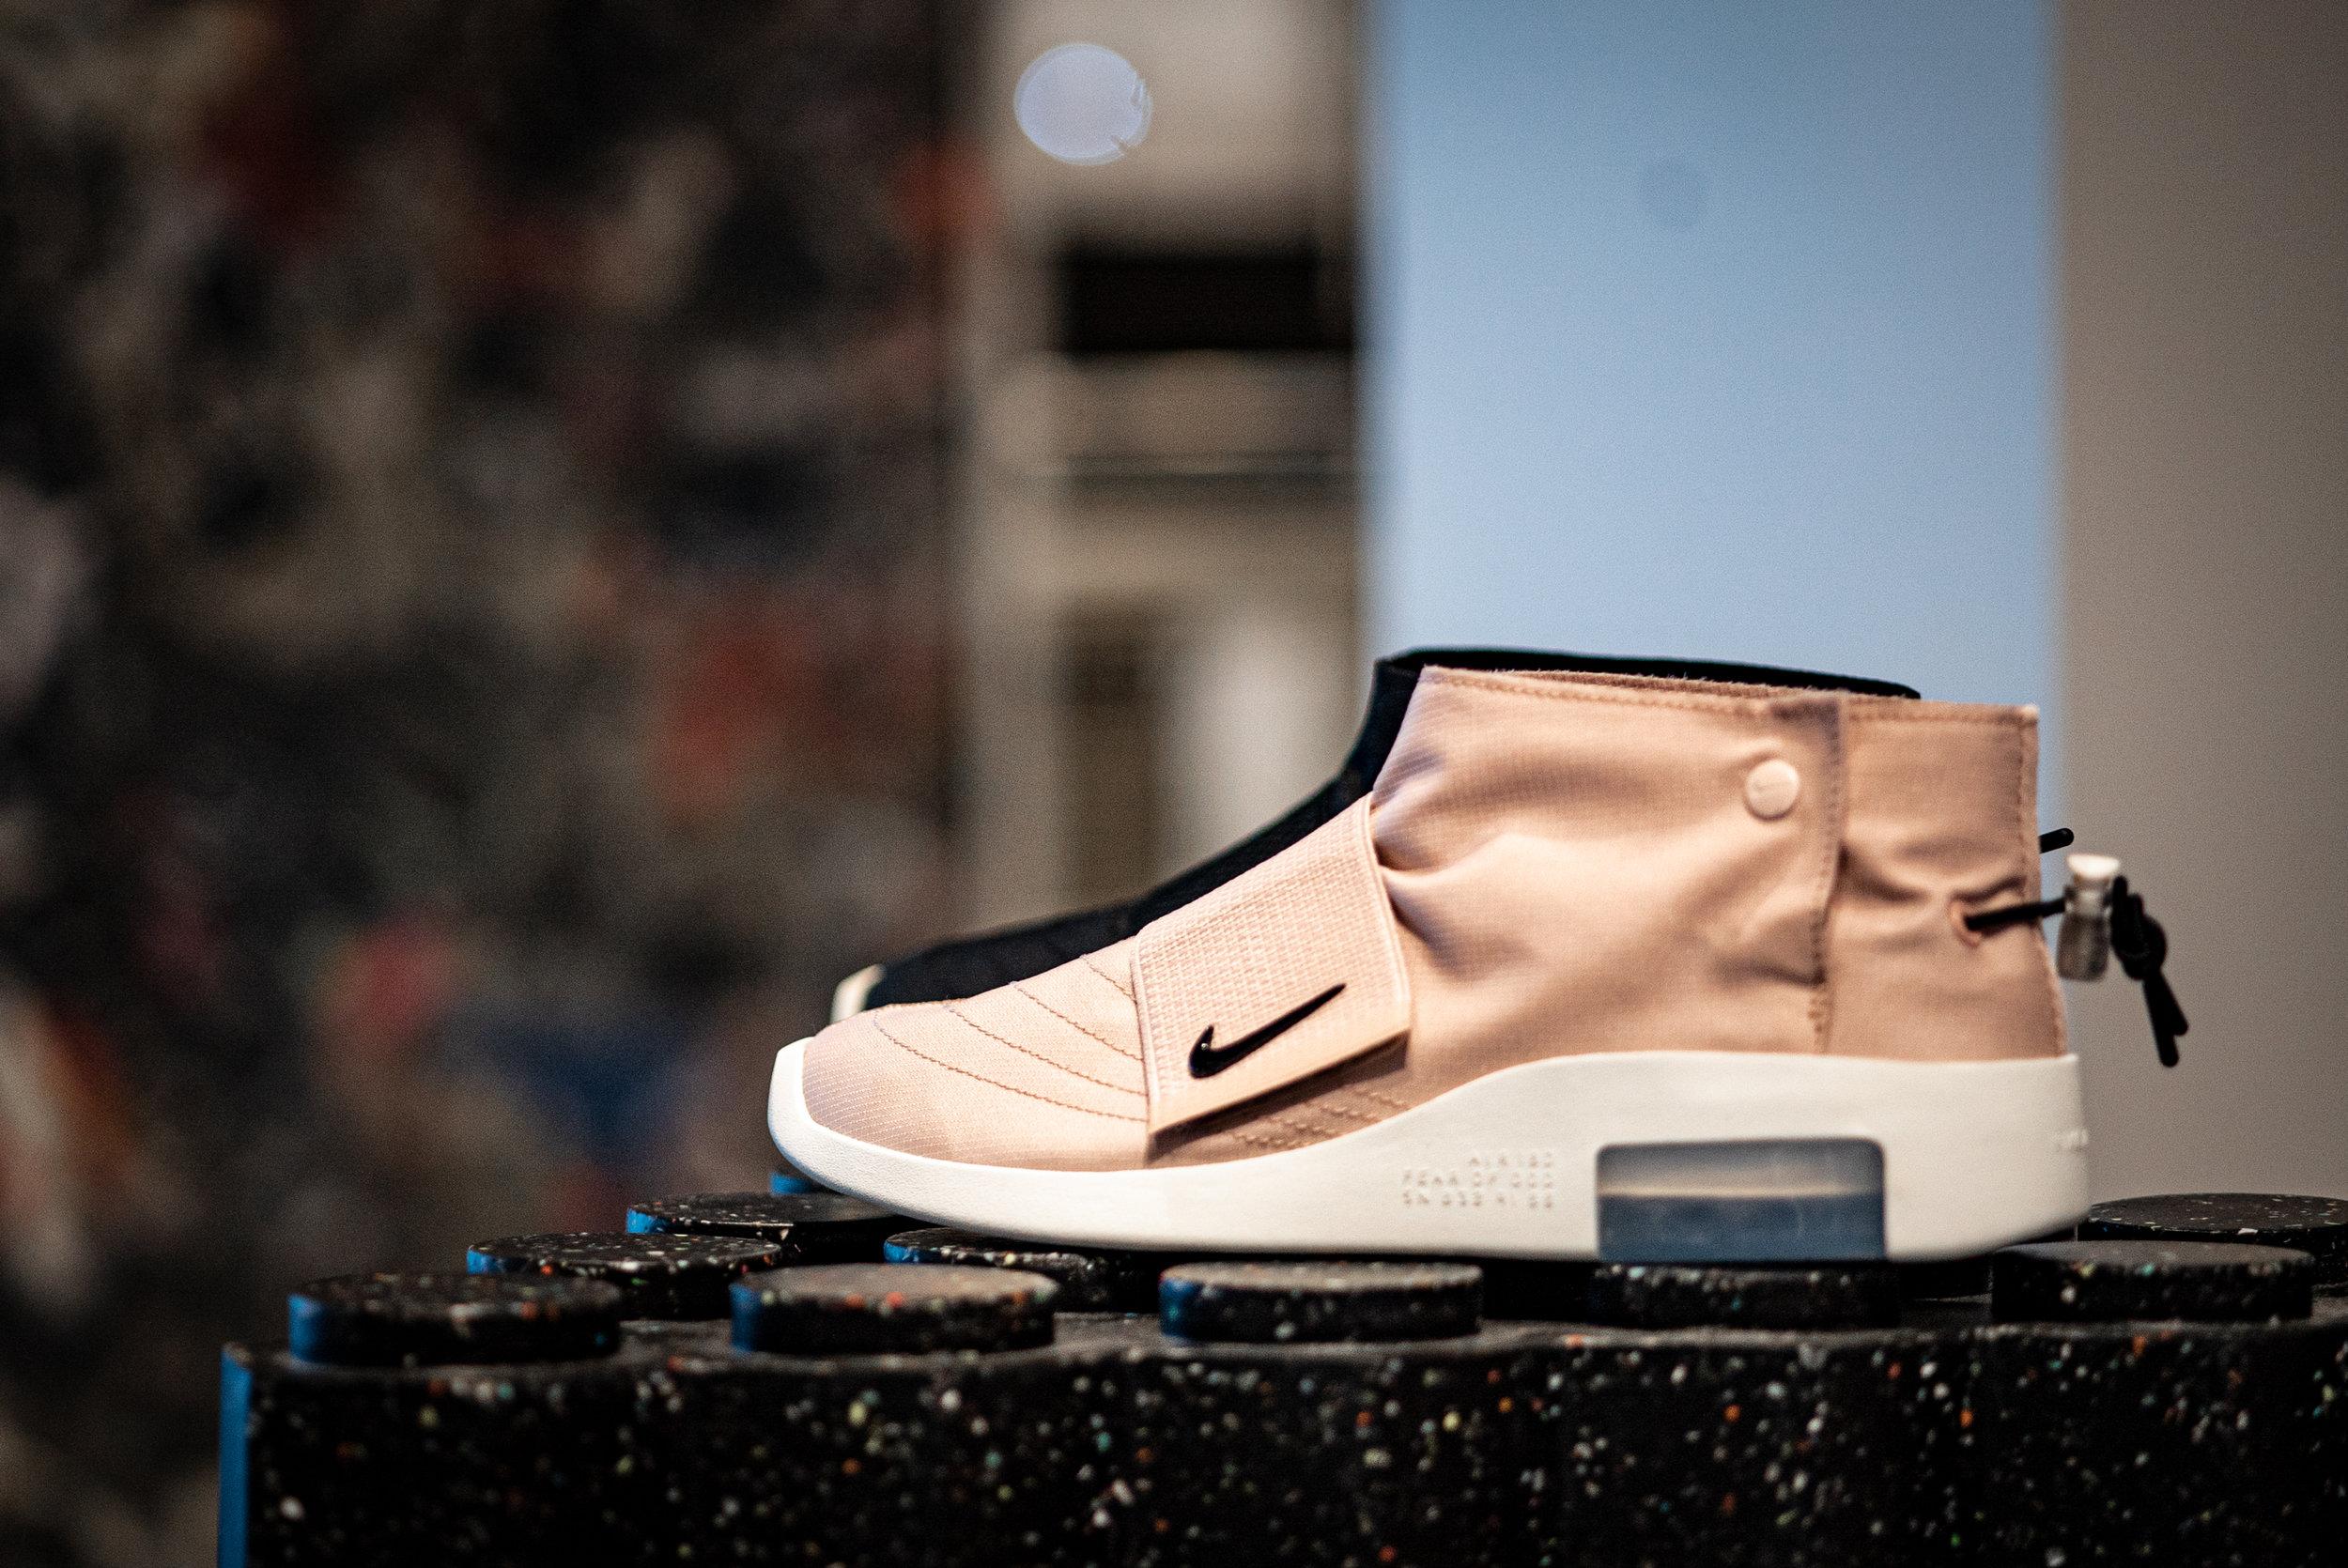 JFENSKE_10113_Satis_Nike_Relab__JTF2728_low_01.jpg